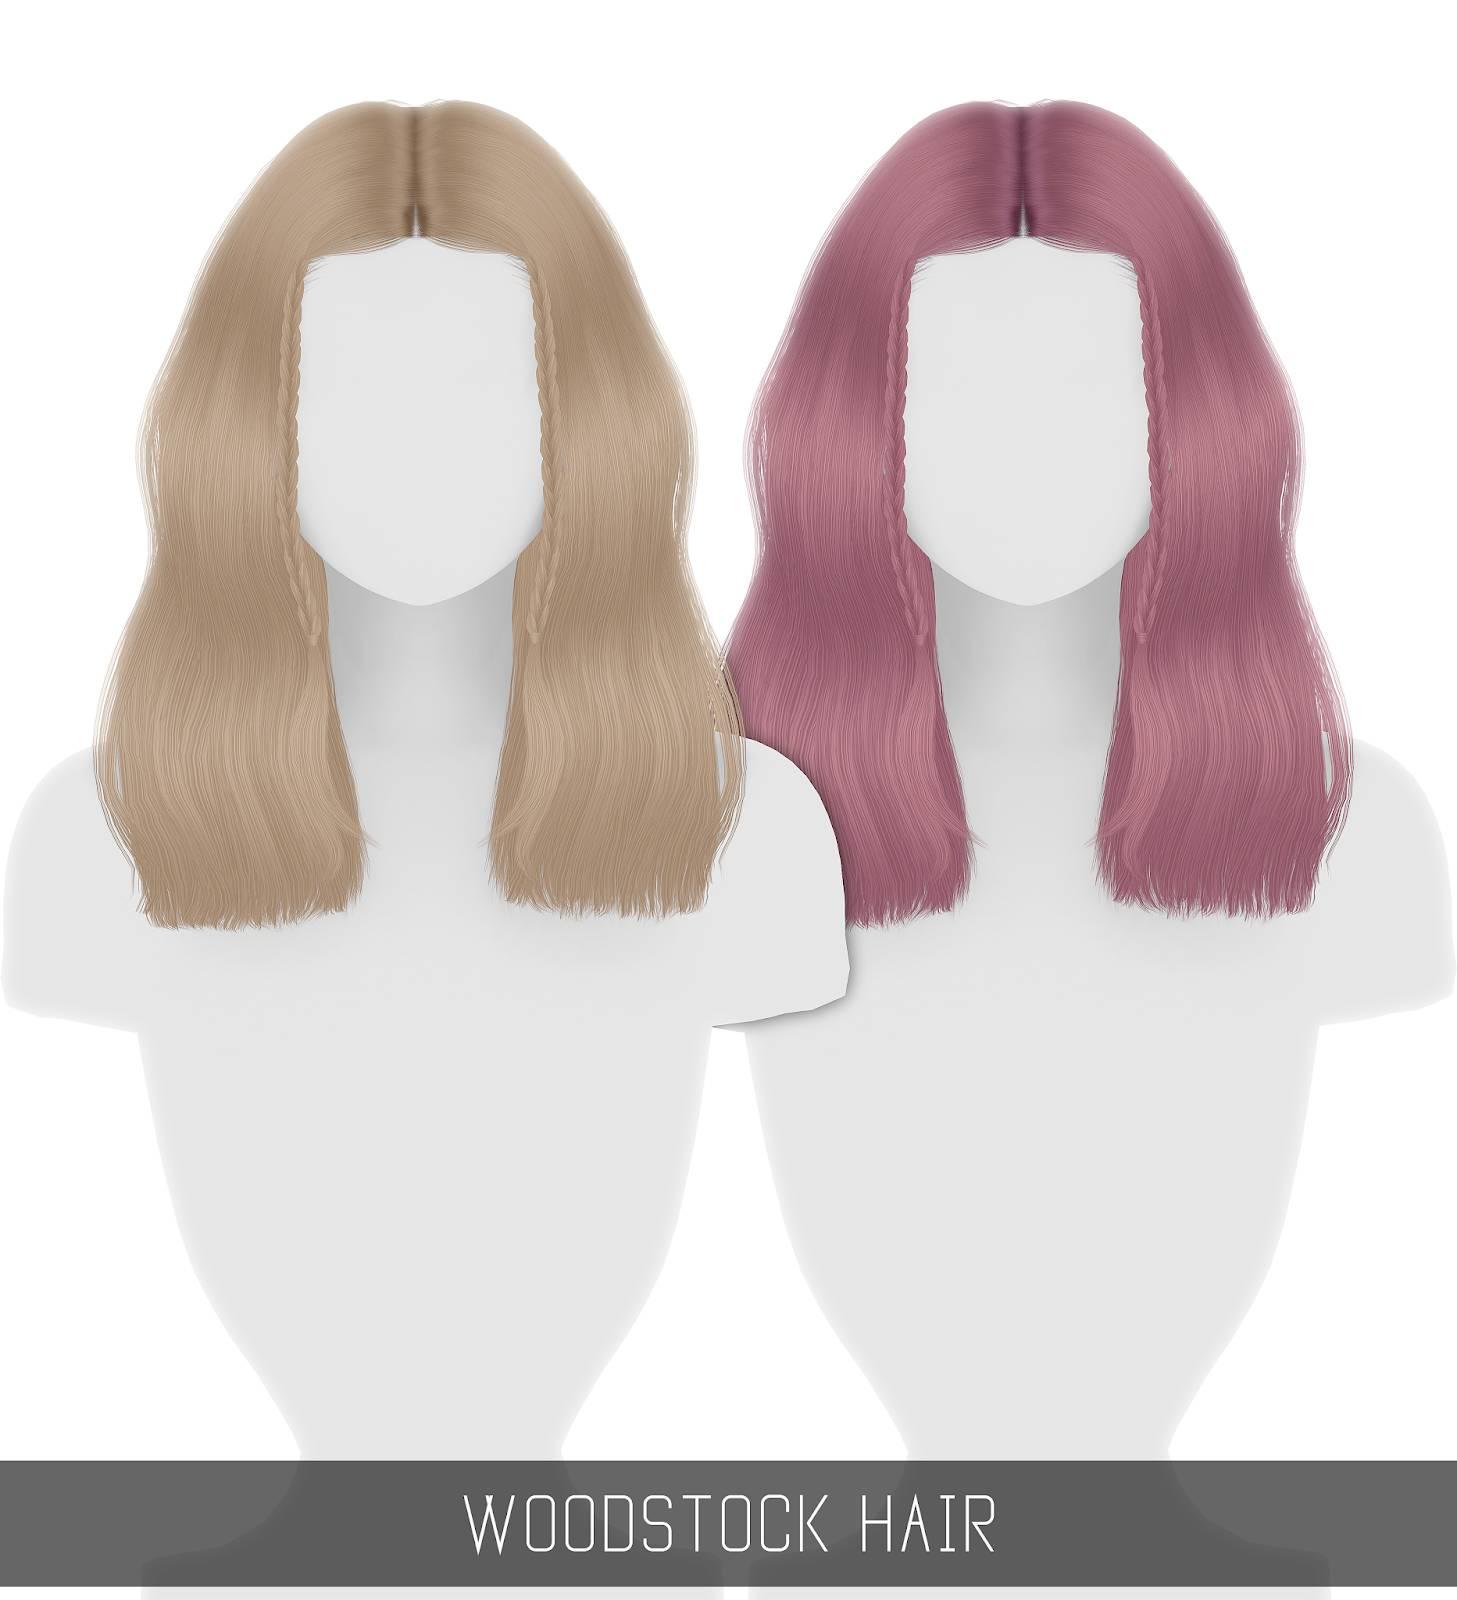 Прическа для женщин, детей и тоддлеров - WOODSTOCK HAIR